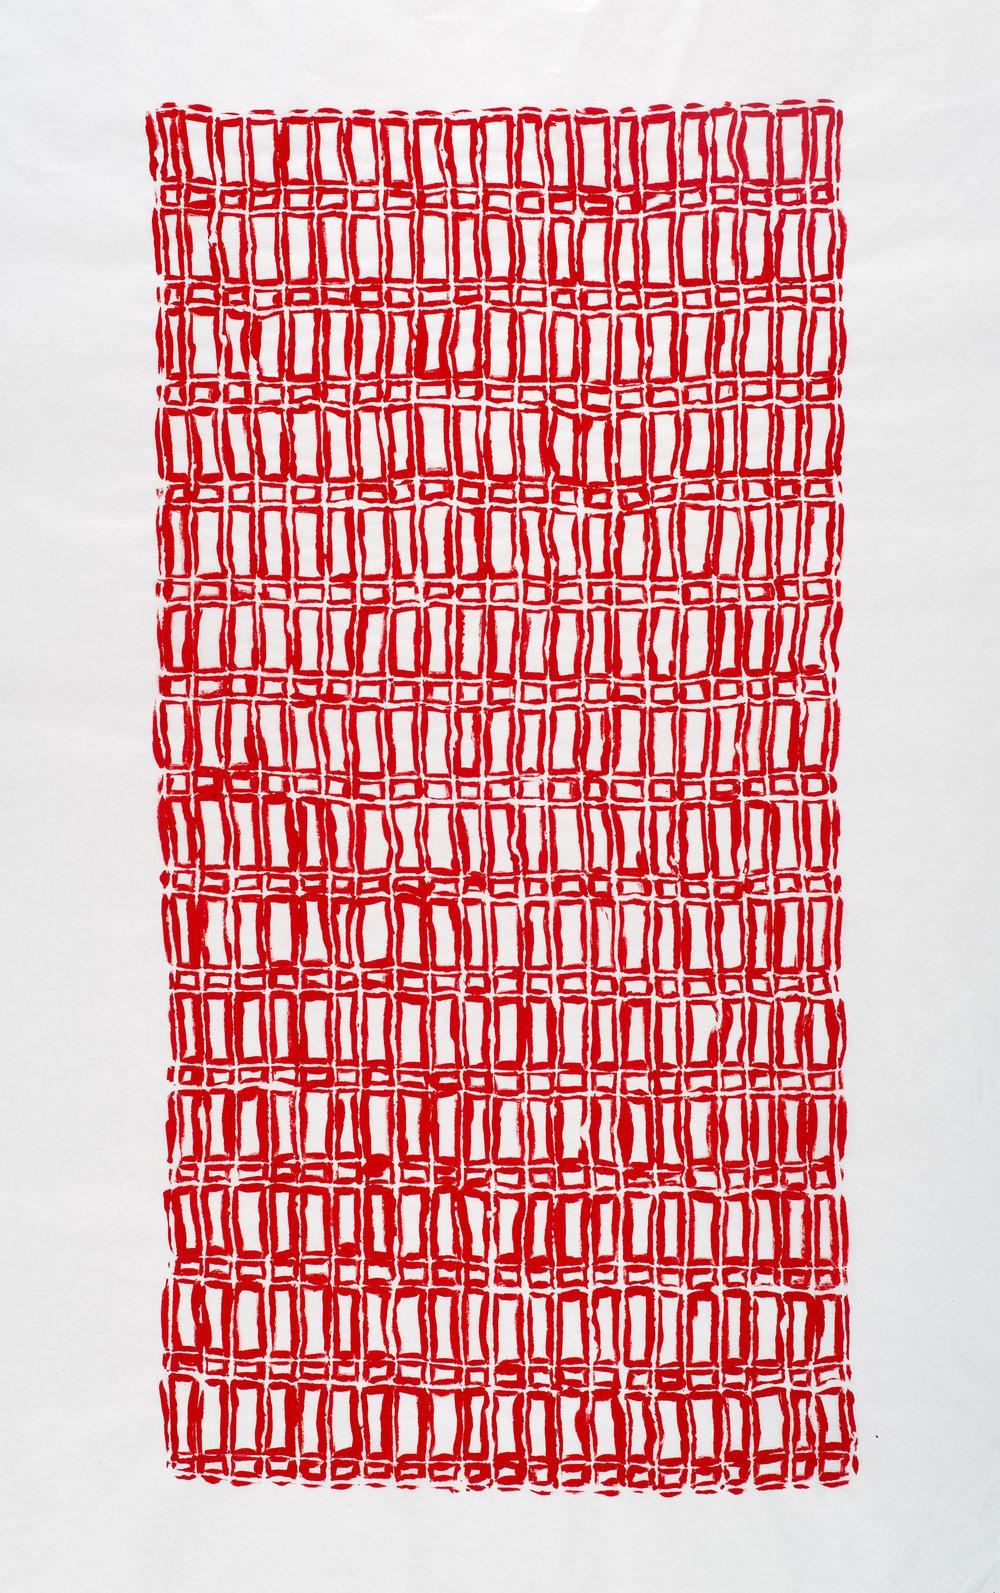 Acrylic on Kozo Paper